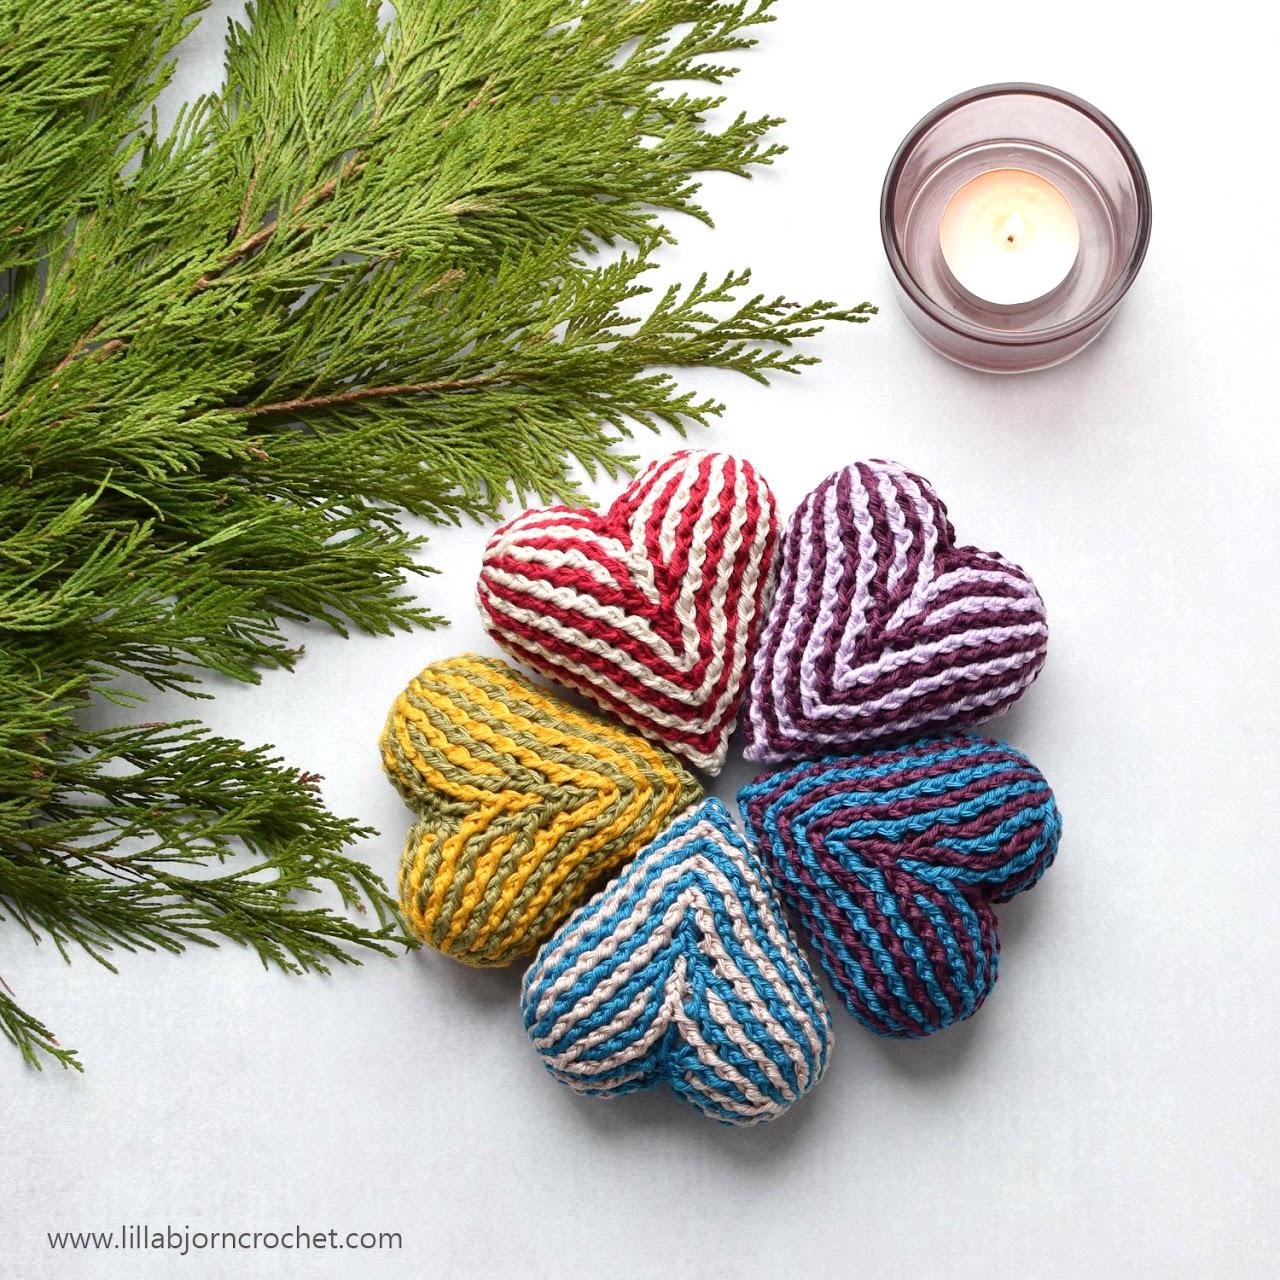 Brioche Heart_free crochet pattern by www.lillabjorncrochet.com